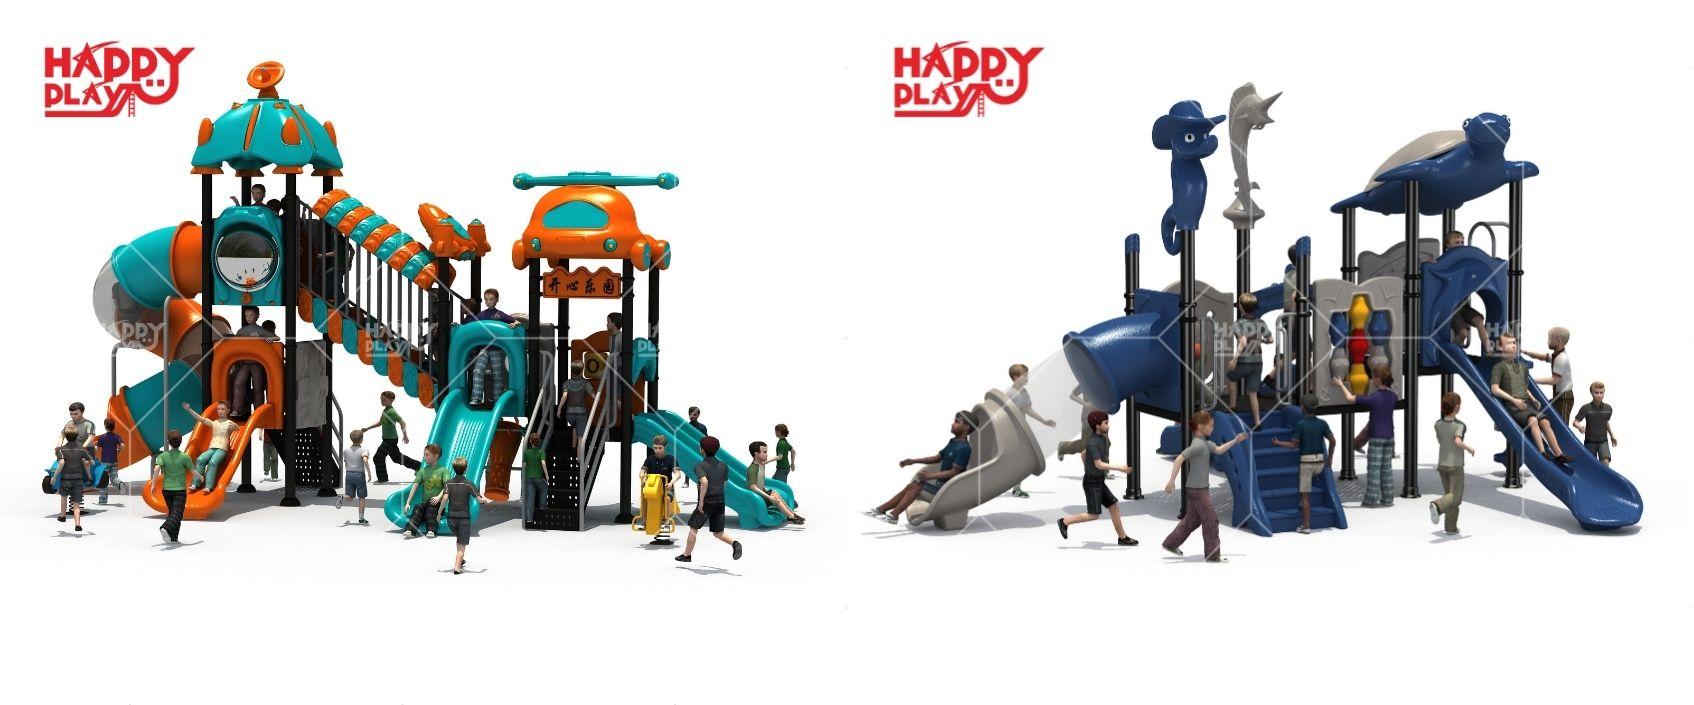 Permainan Menarik Dari Playground Meningkatkan Bisnis Anda